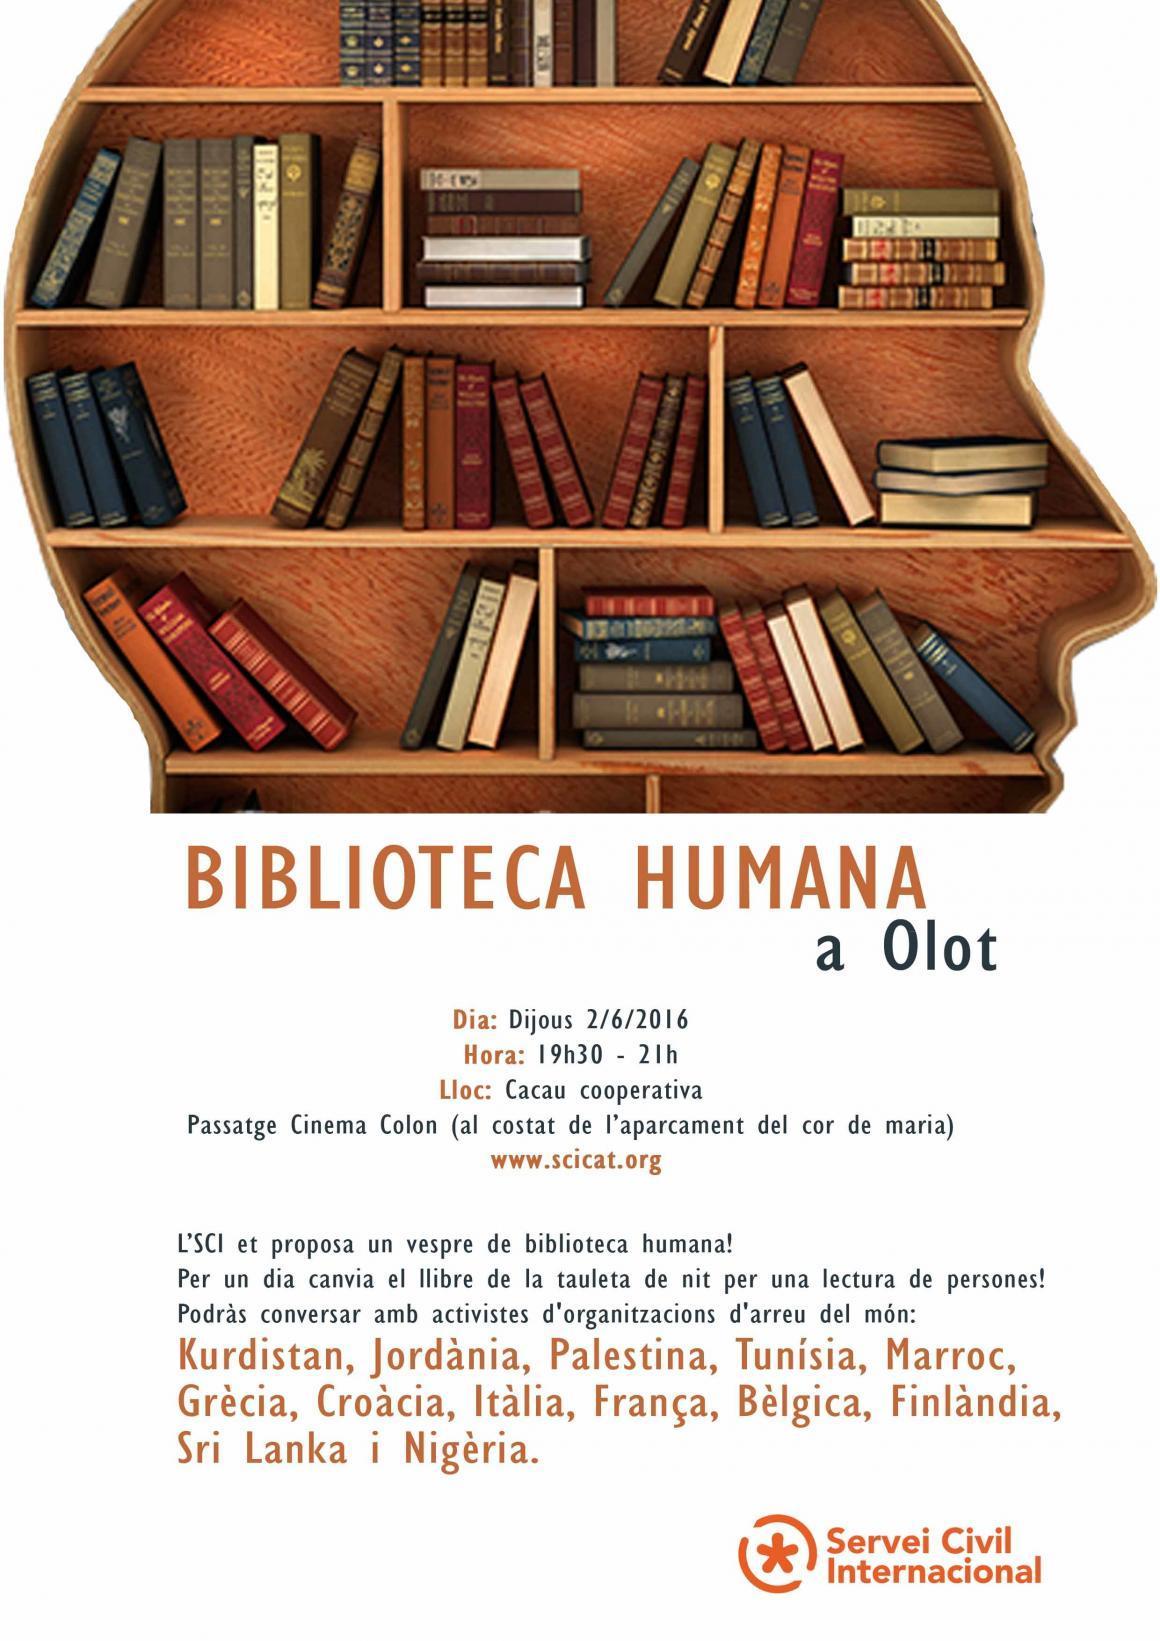 Biblioteca humana a Olot amb voluntaris internacionals!